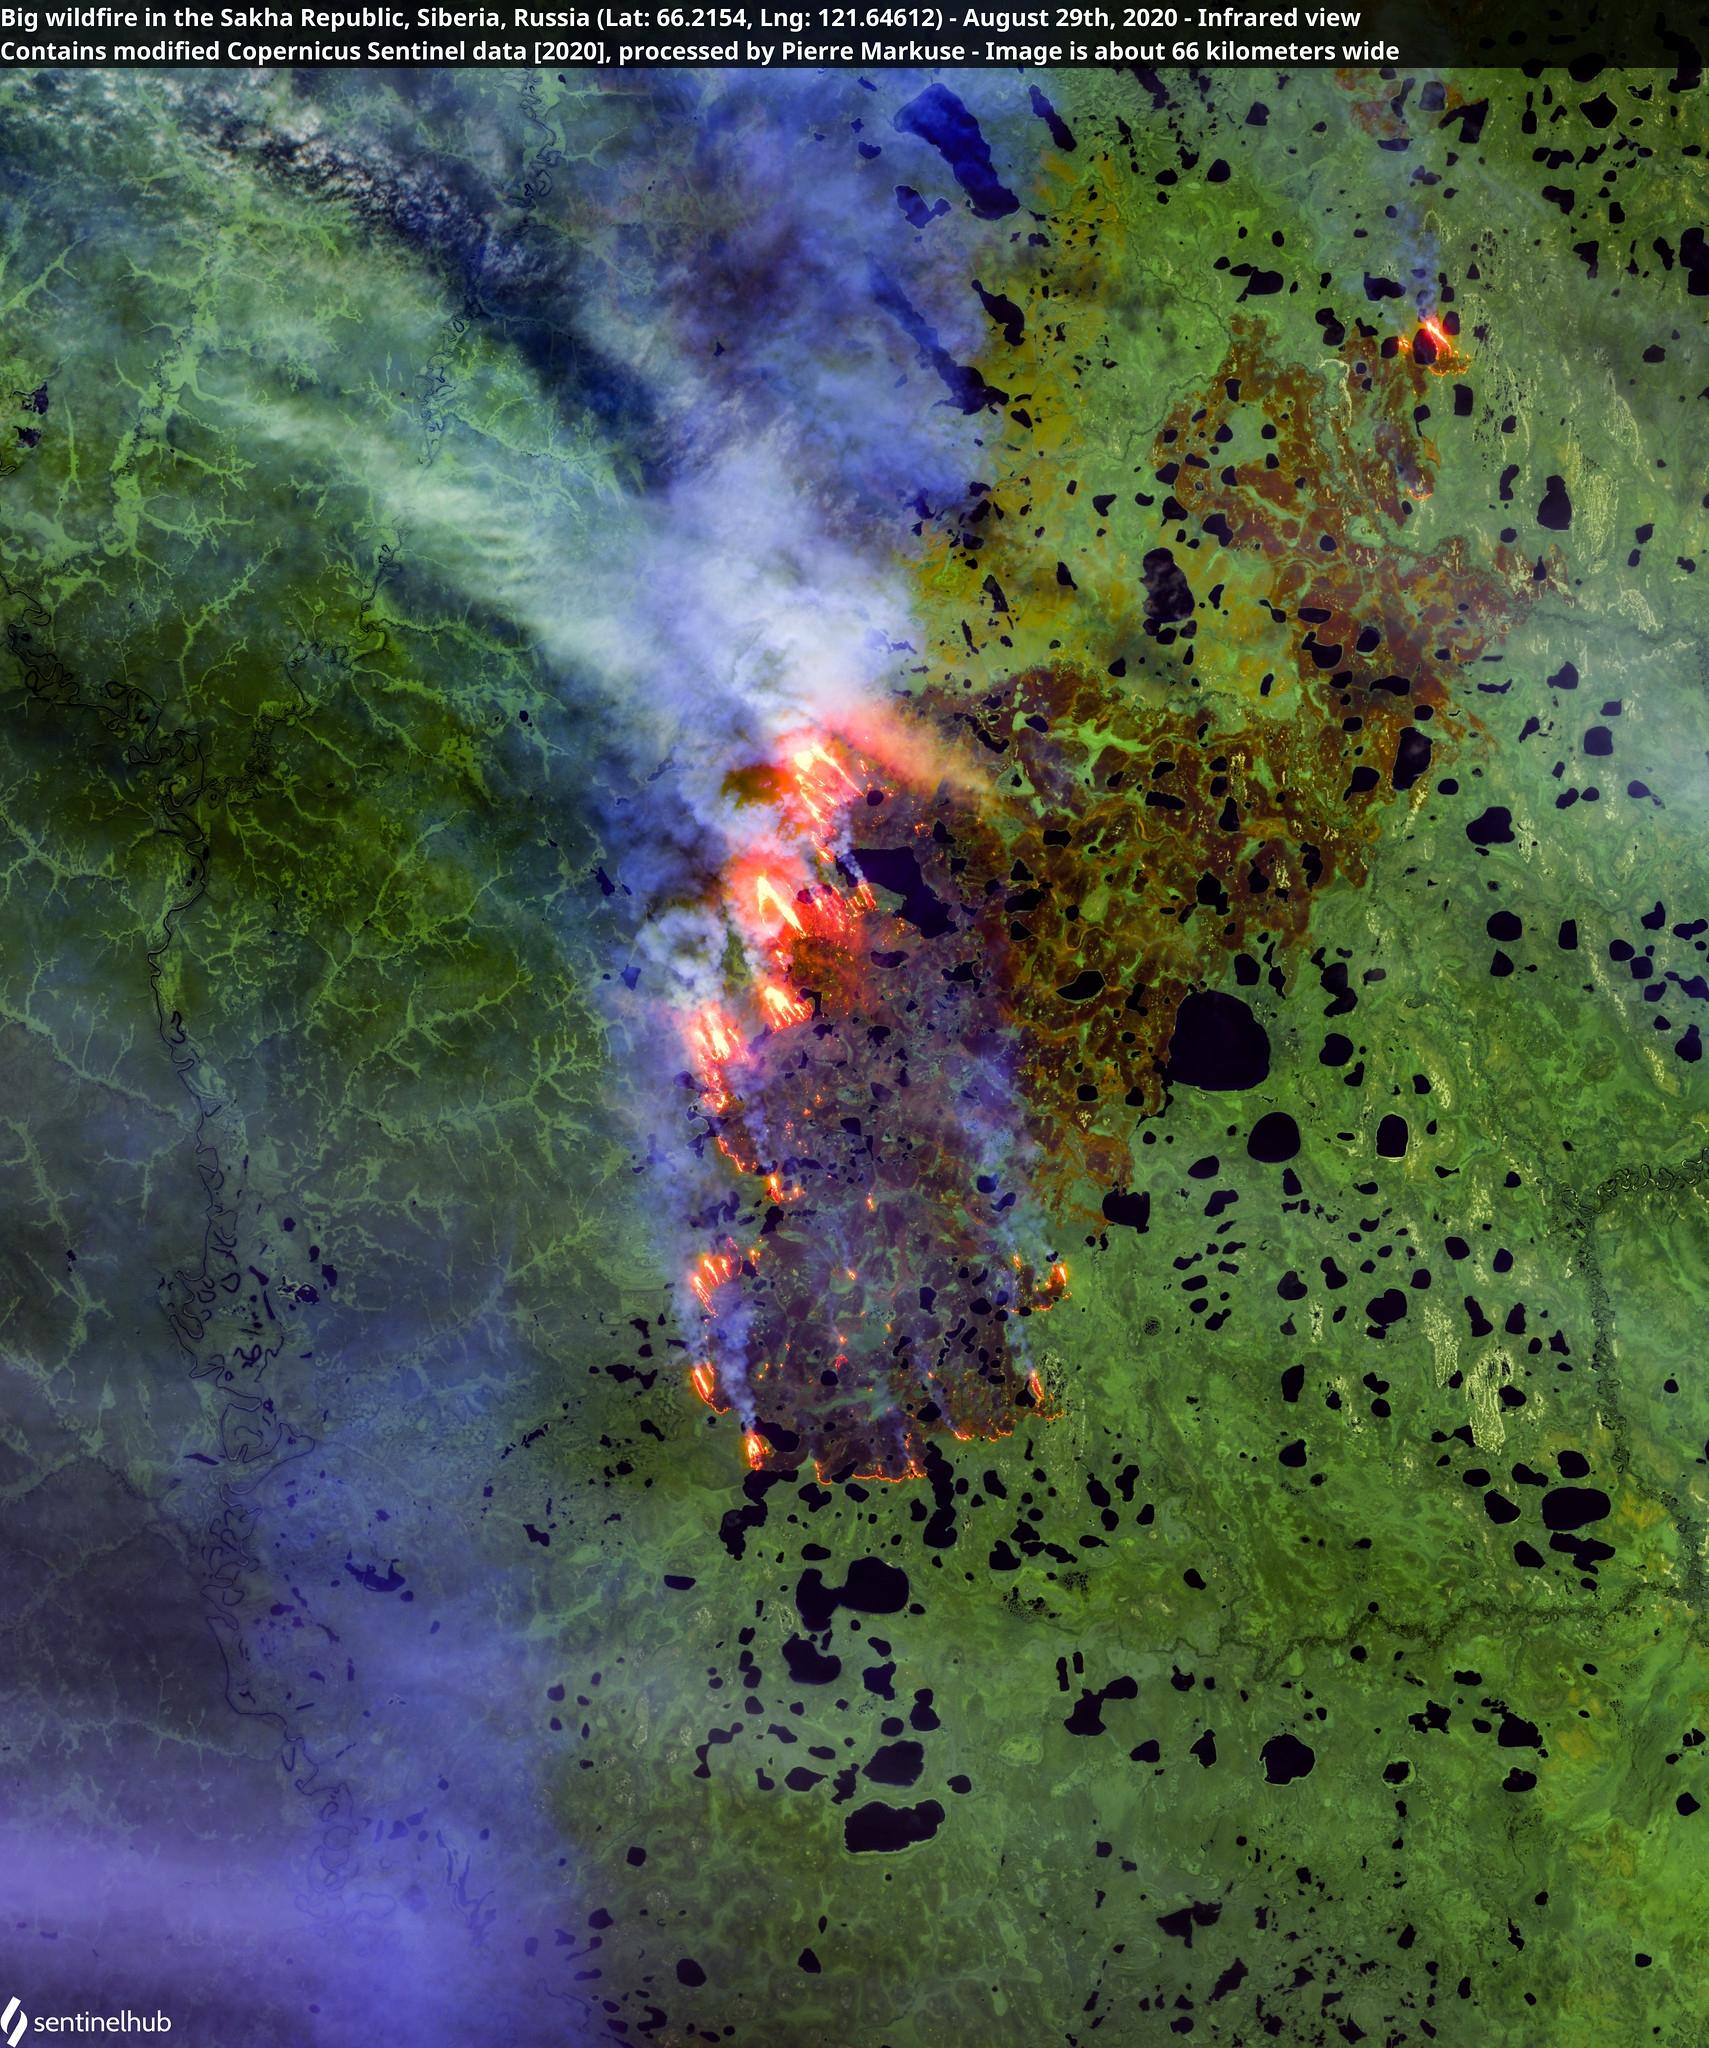 8月29日位於俄羅斯薩哈共和國的野火照。照片來源:Pierre Markuse(CC BY 2.0)